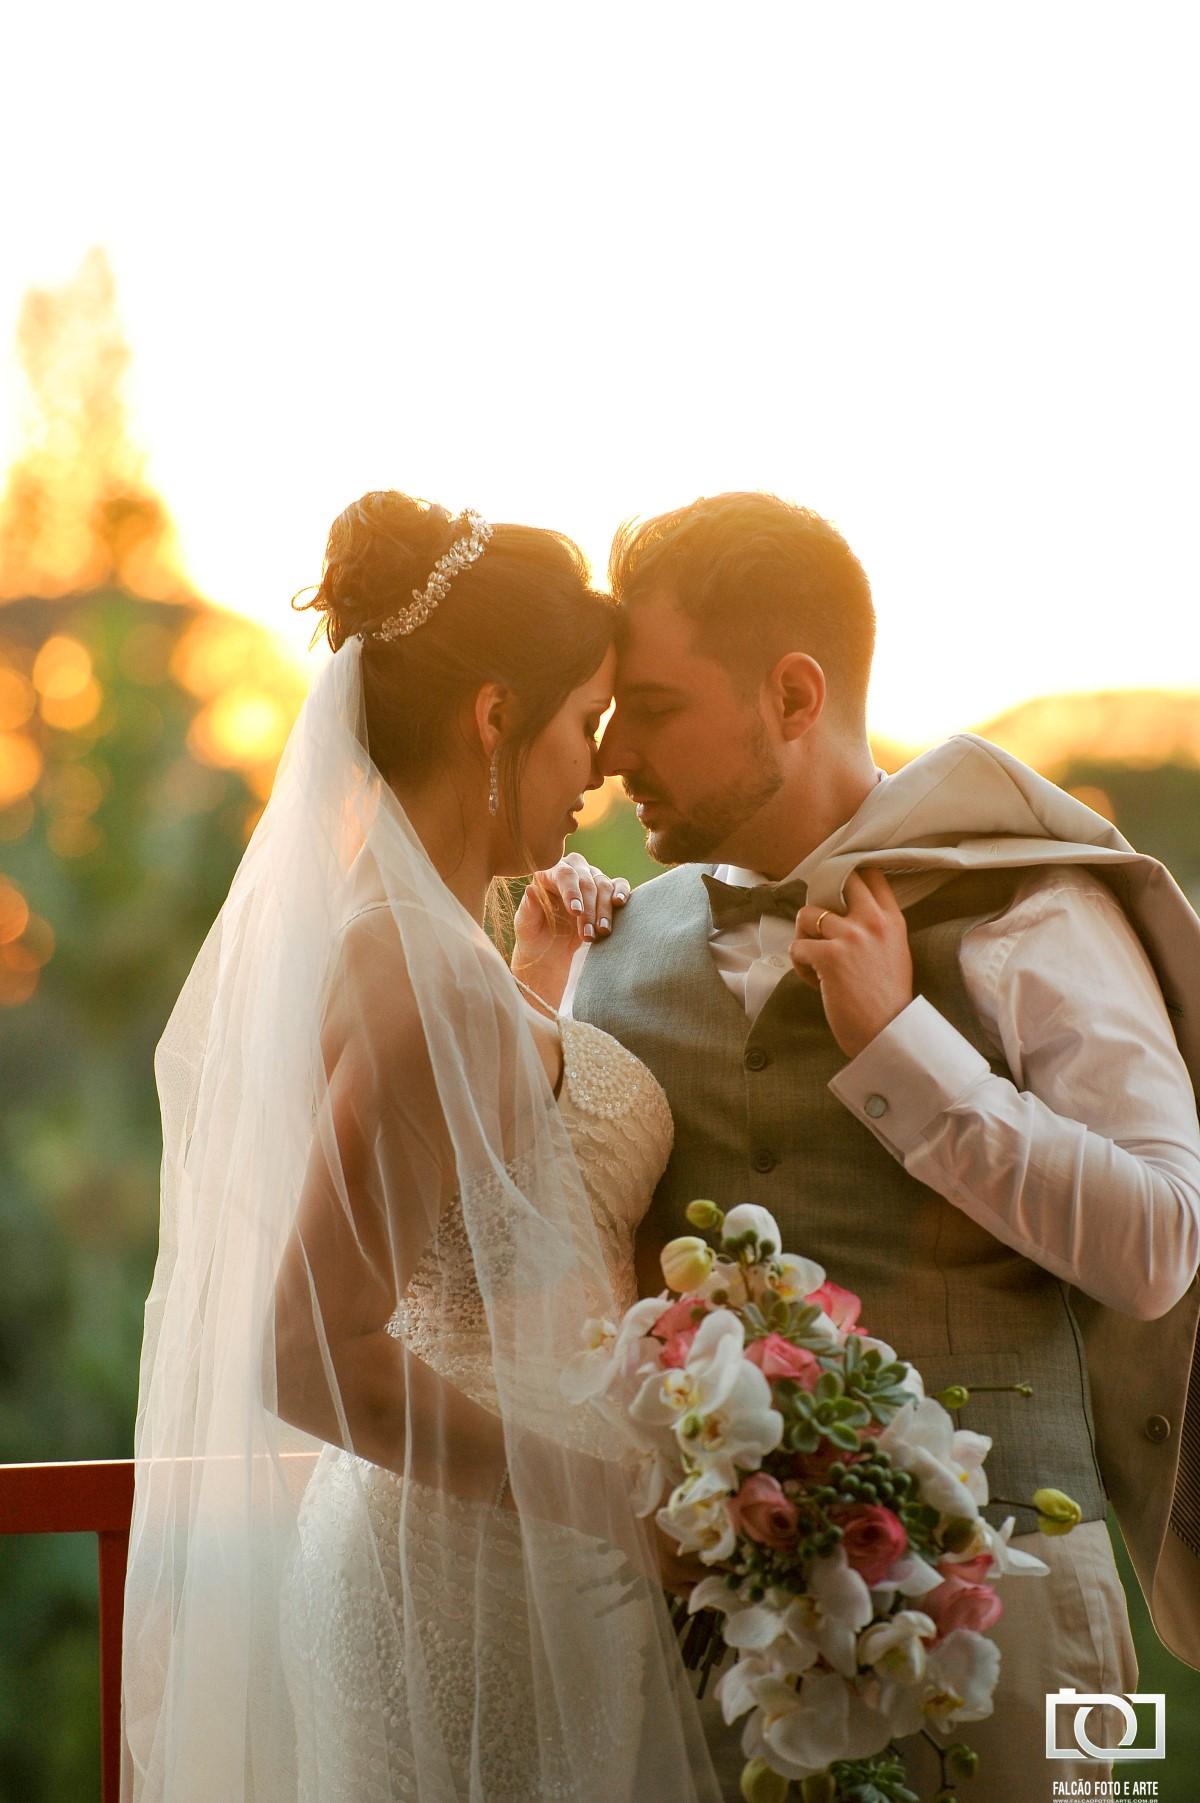 Foto de um noivo e uma noiva segurando o buque de flores em uma janela com uma paisagem ao fundo.